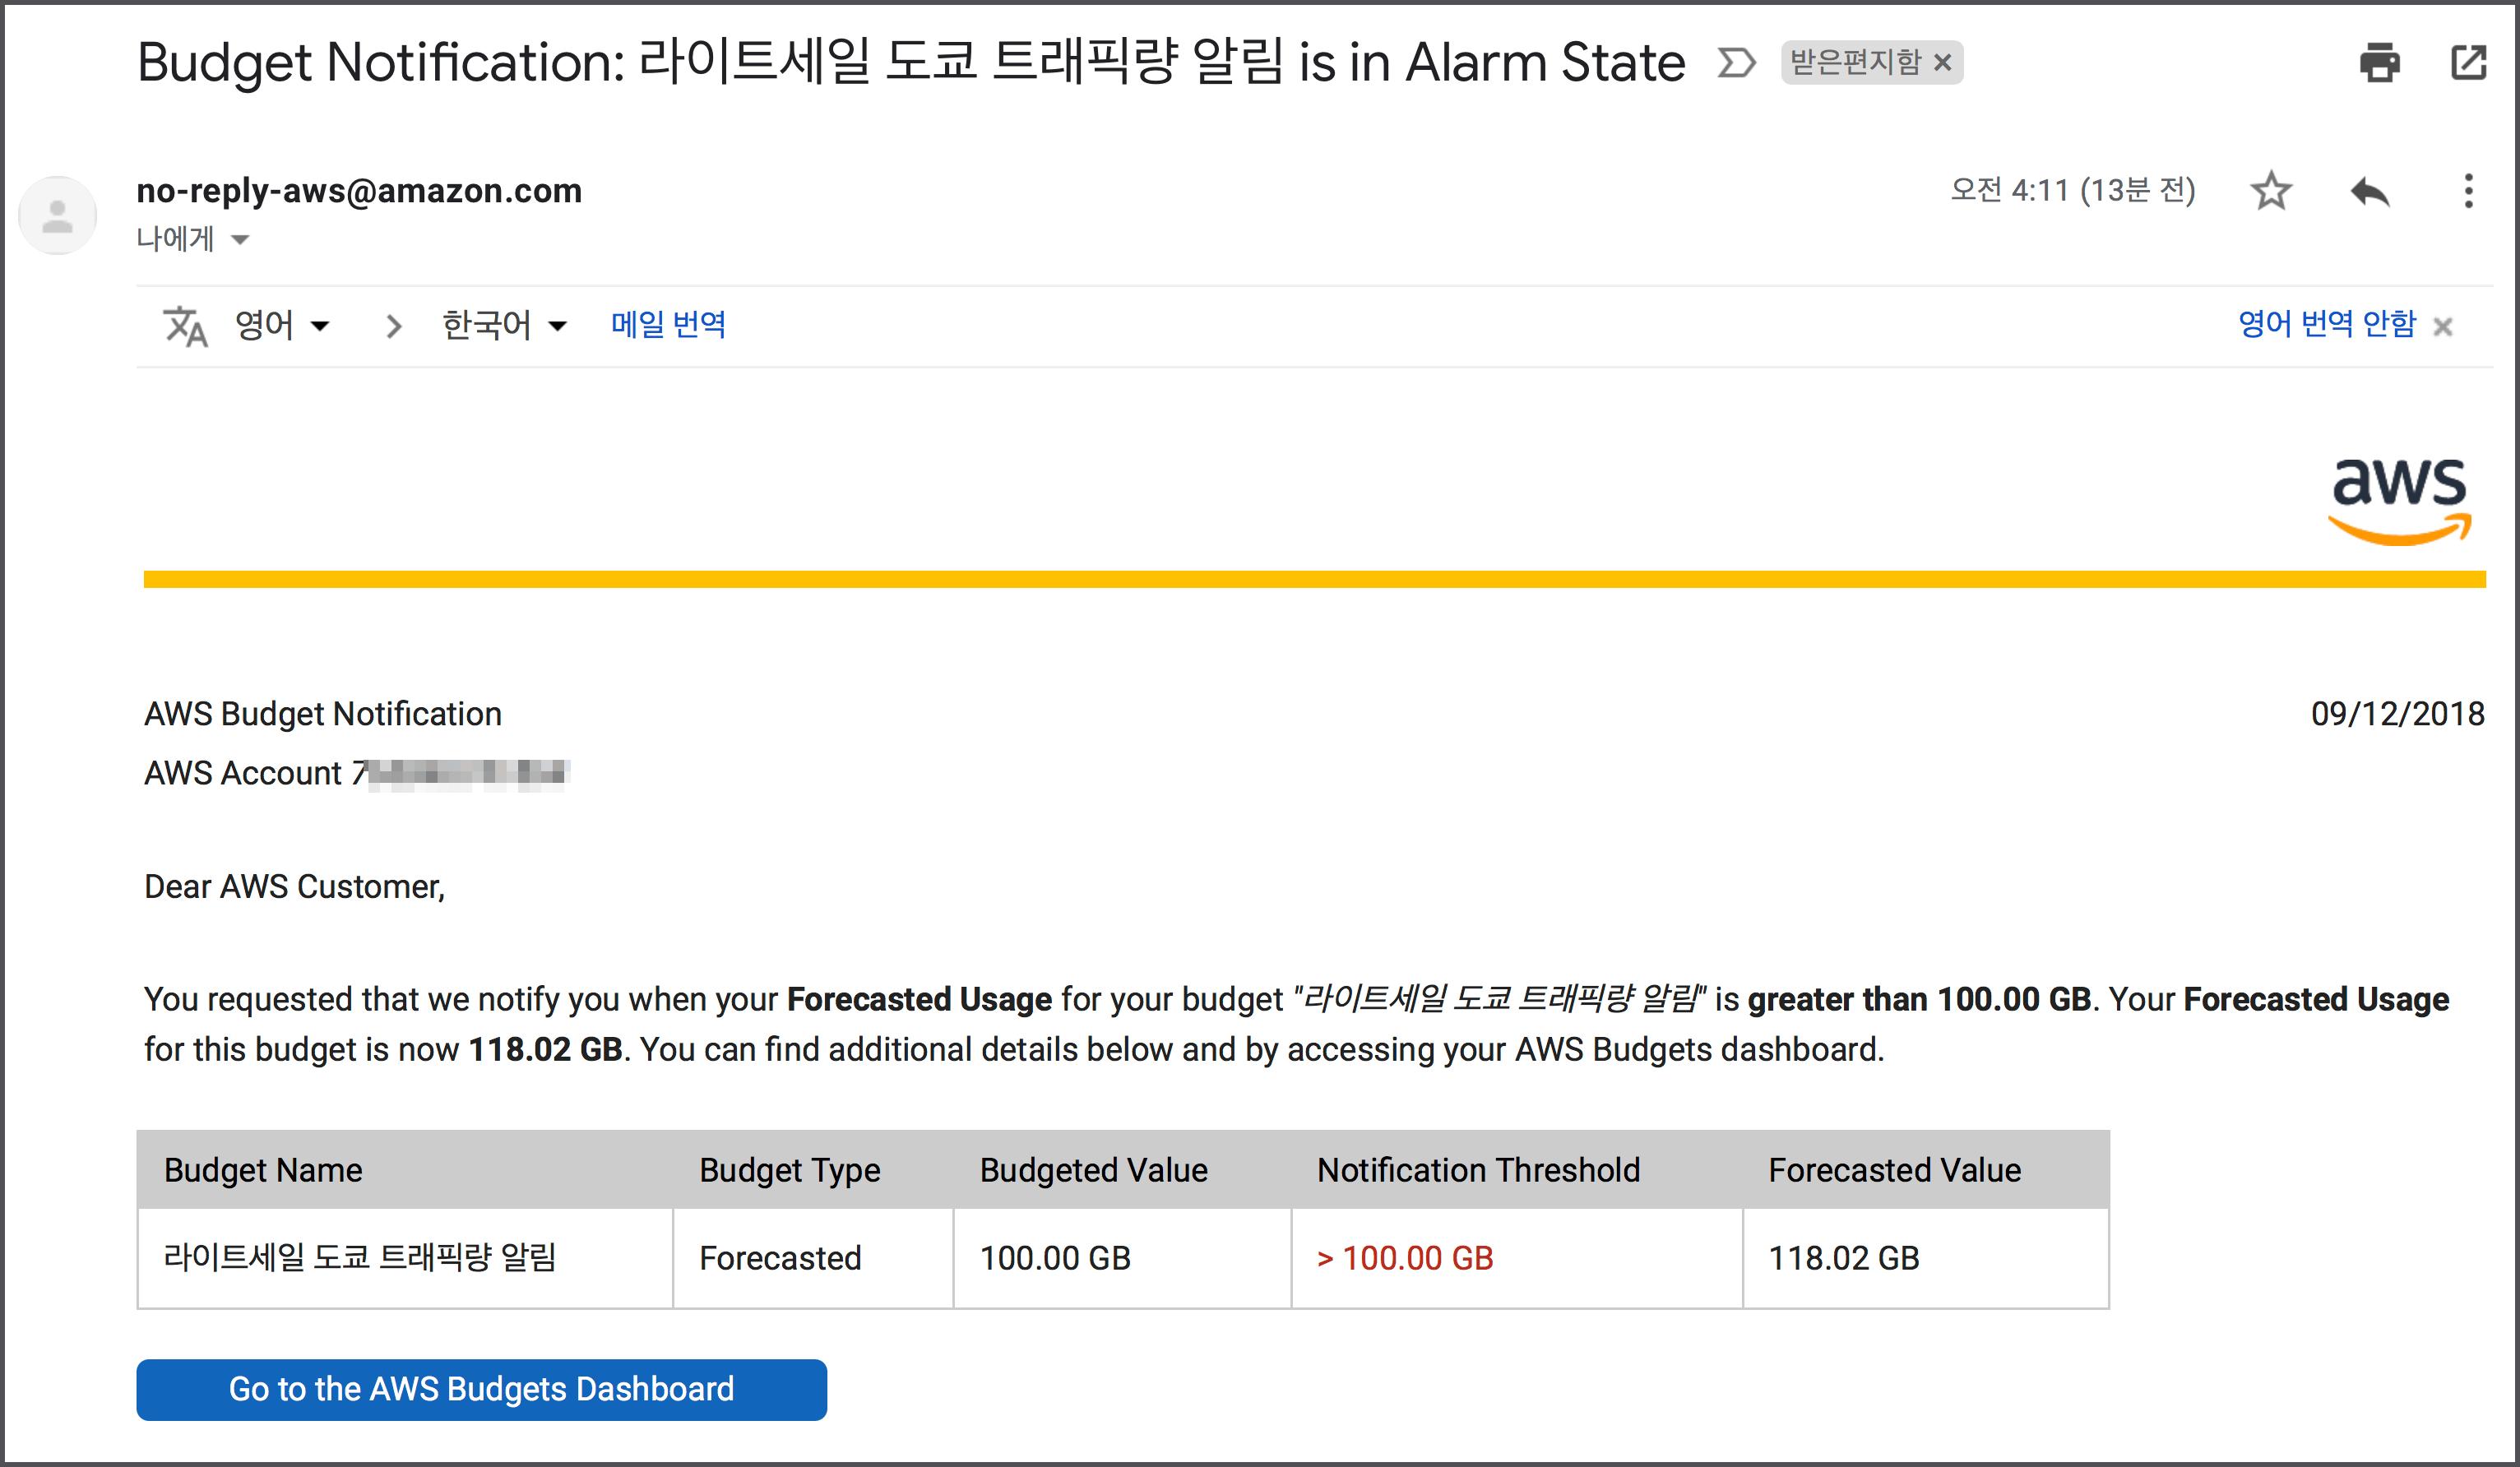 amazon.com에서 온 이메일. 제목이 Budget Notification 으로 시작한다.